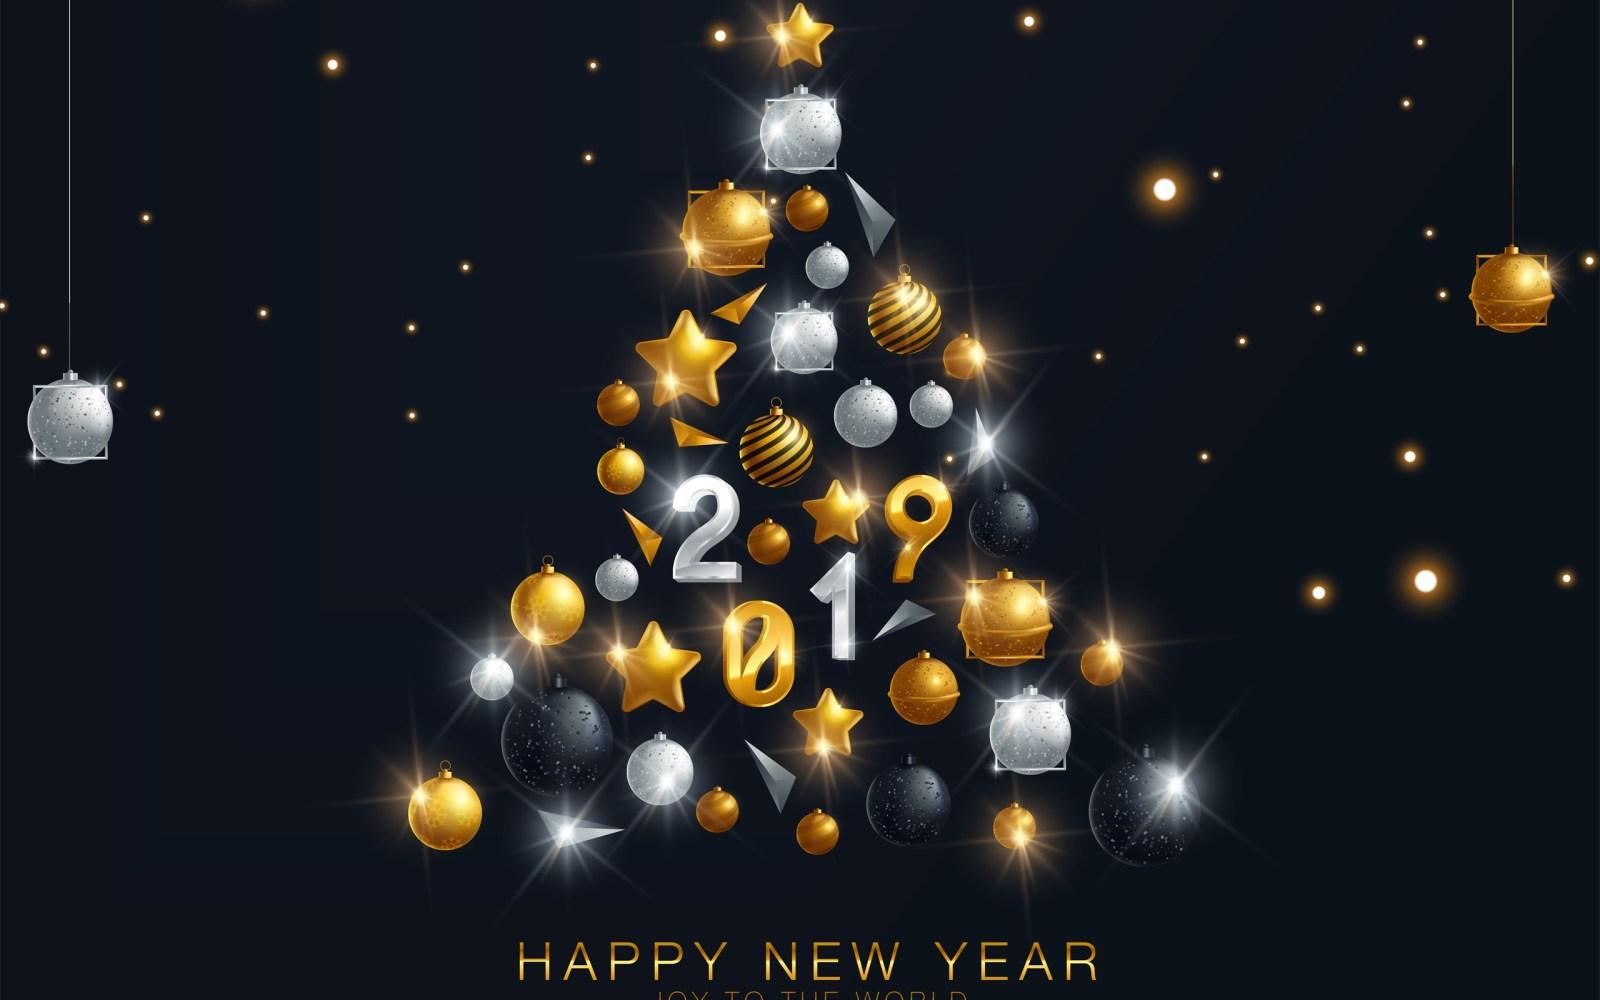 Feliz año contraseñas mas usadas durante el 2018